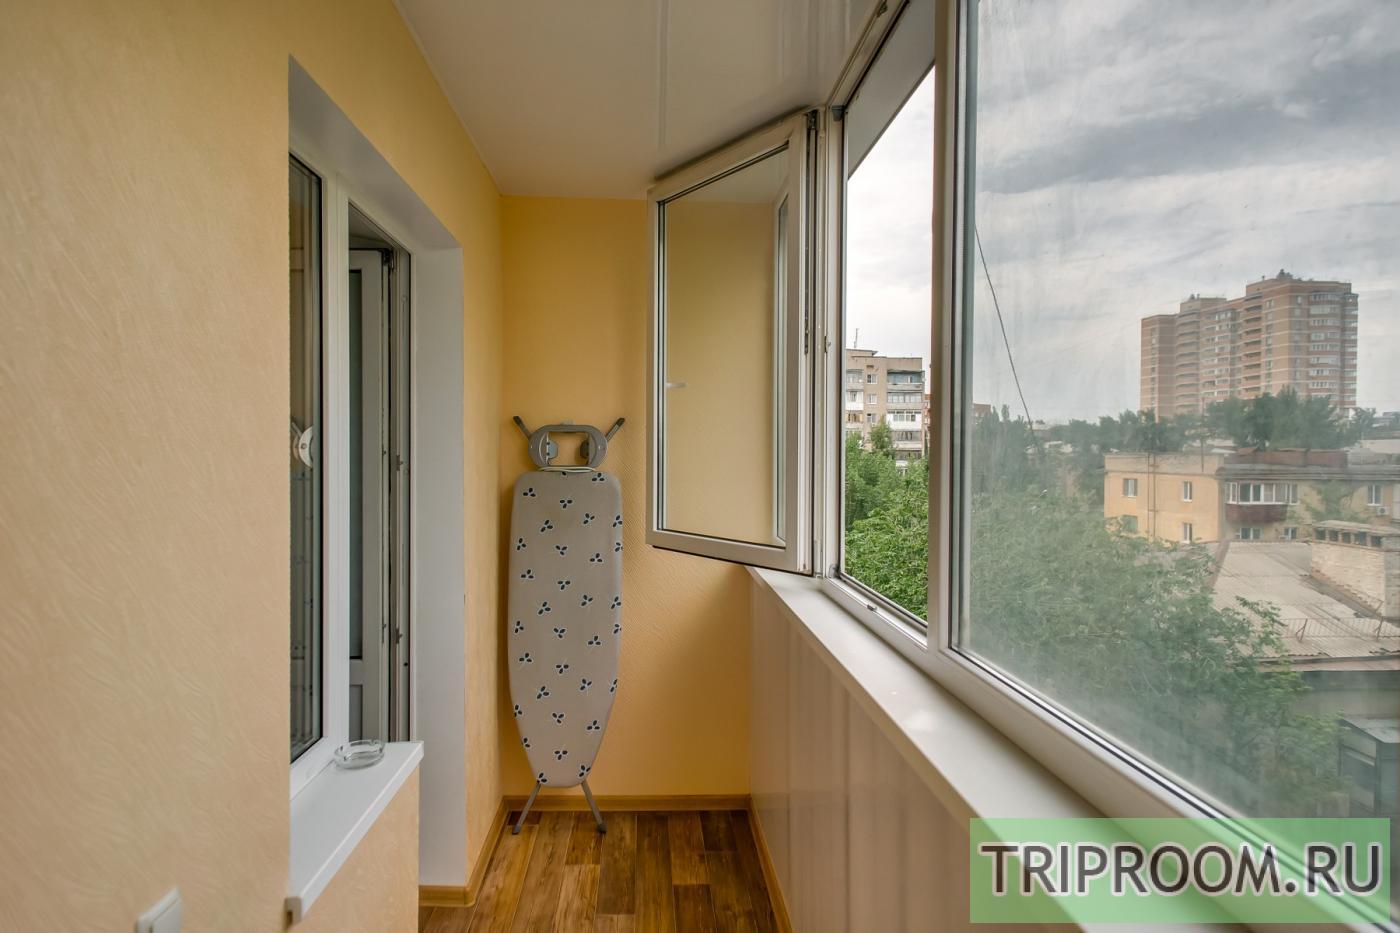 2-комнатная квартира посуточно (вариант № 18923), ул. Ленина проспект, фото № 8